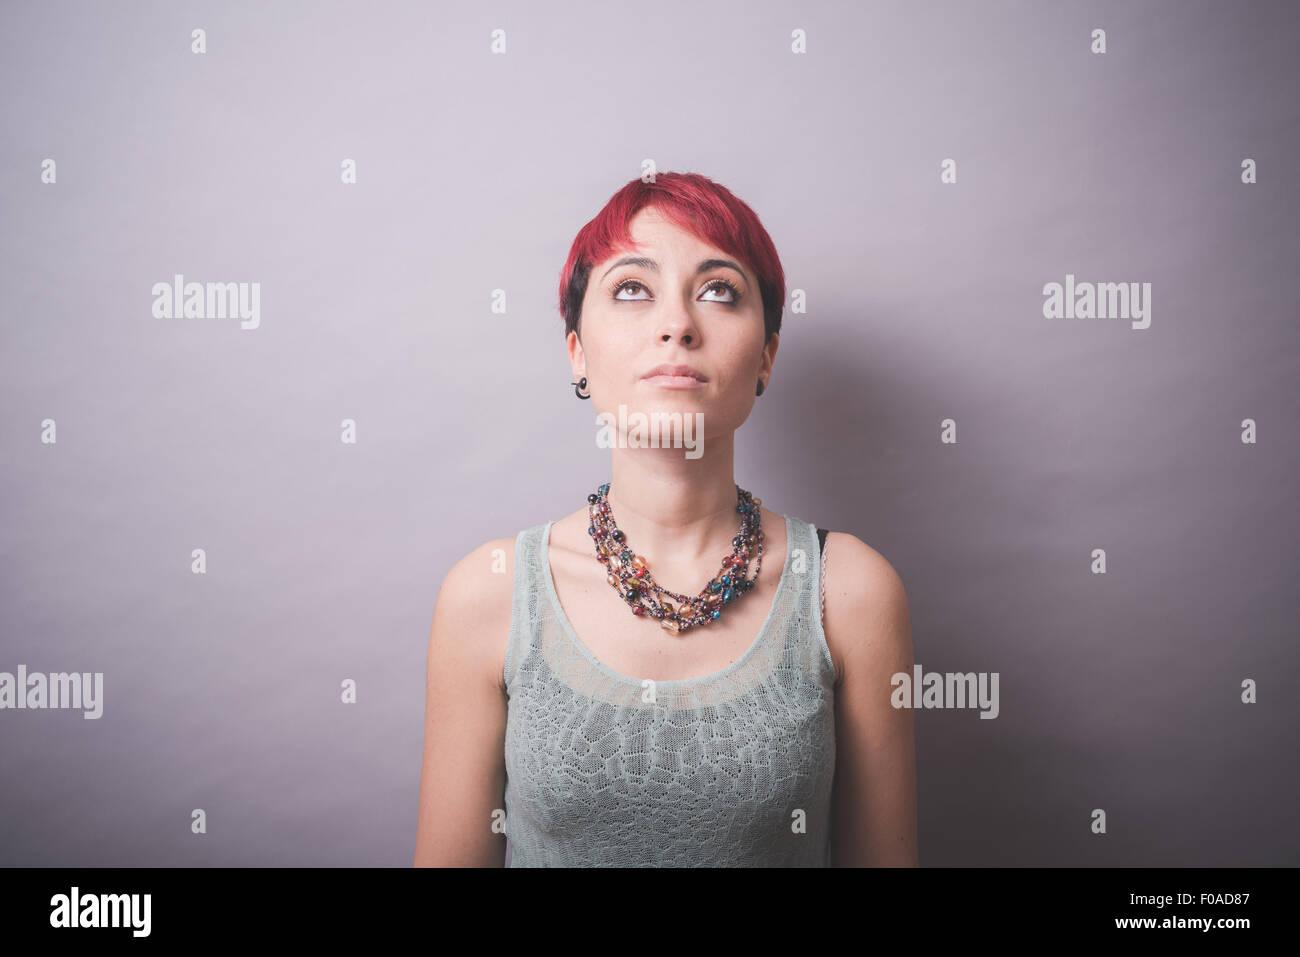 Studio retrato de mujer joven con poco pelo de color rosa mirando hacia arriba Imagen De Stock